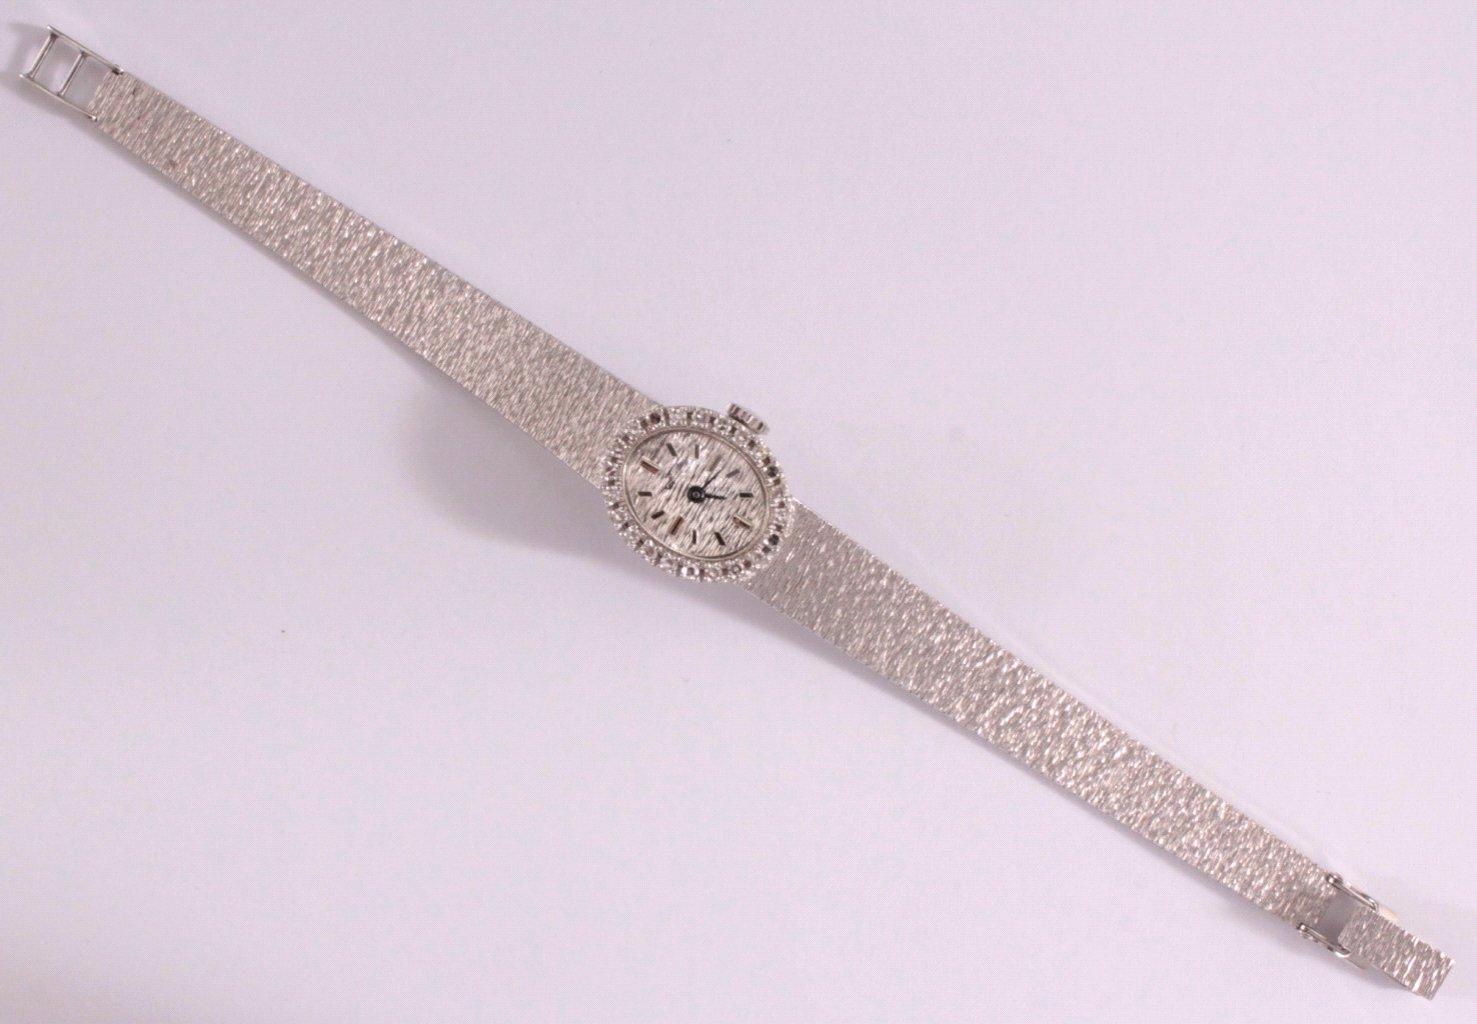 Damenarmbanduhr mit Diamantkranz, 18 Karat Weißgold